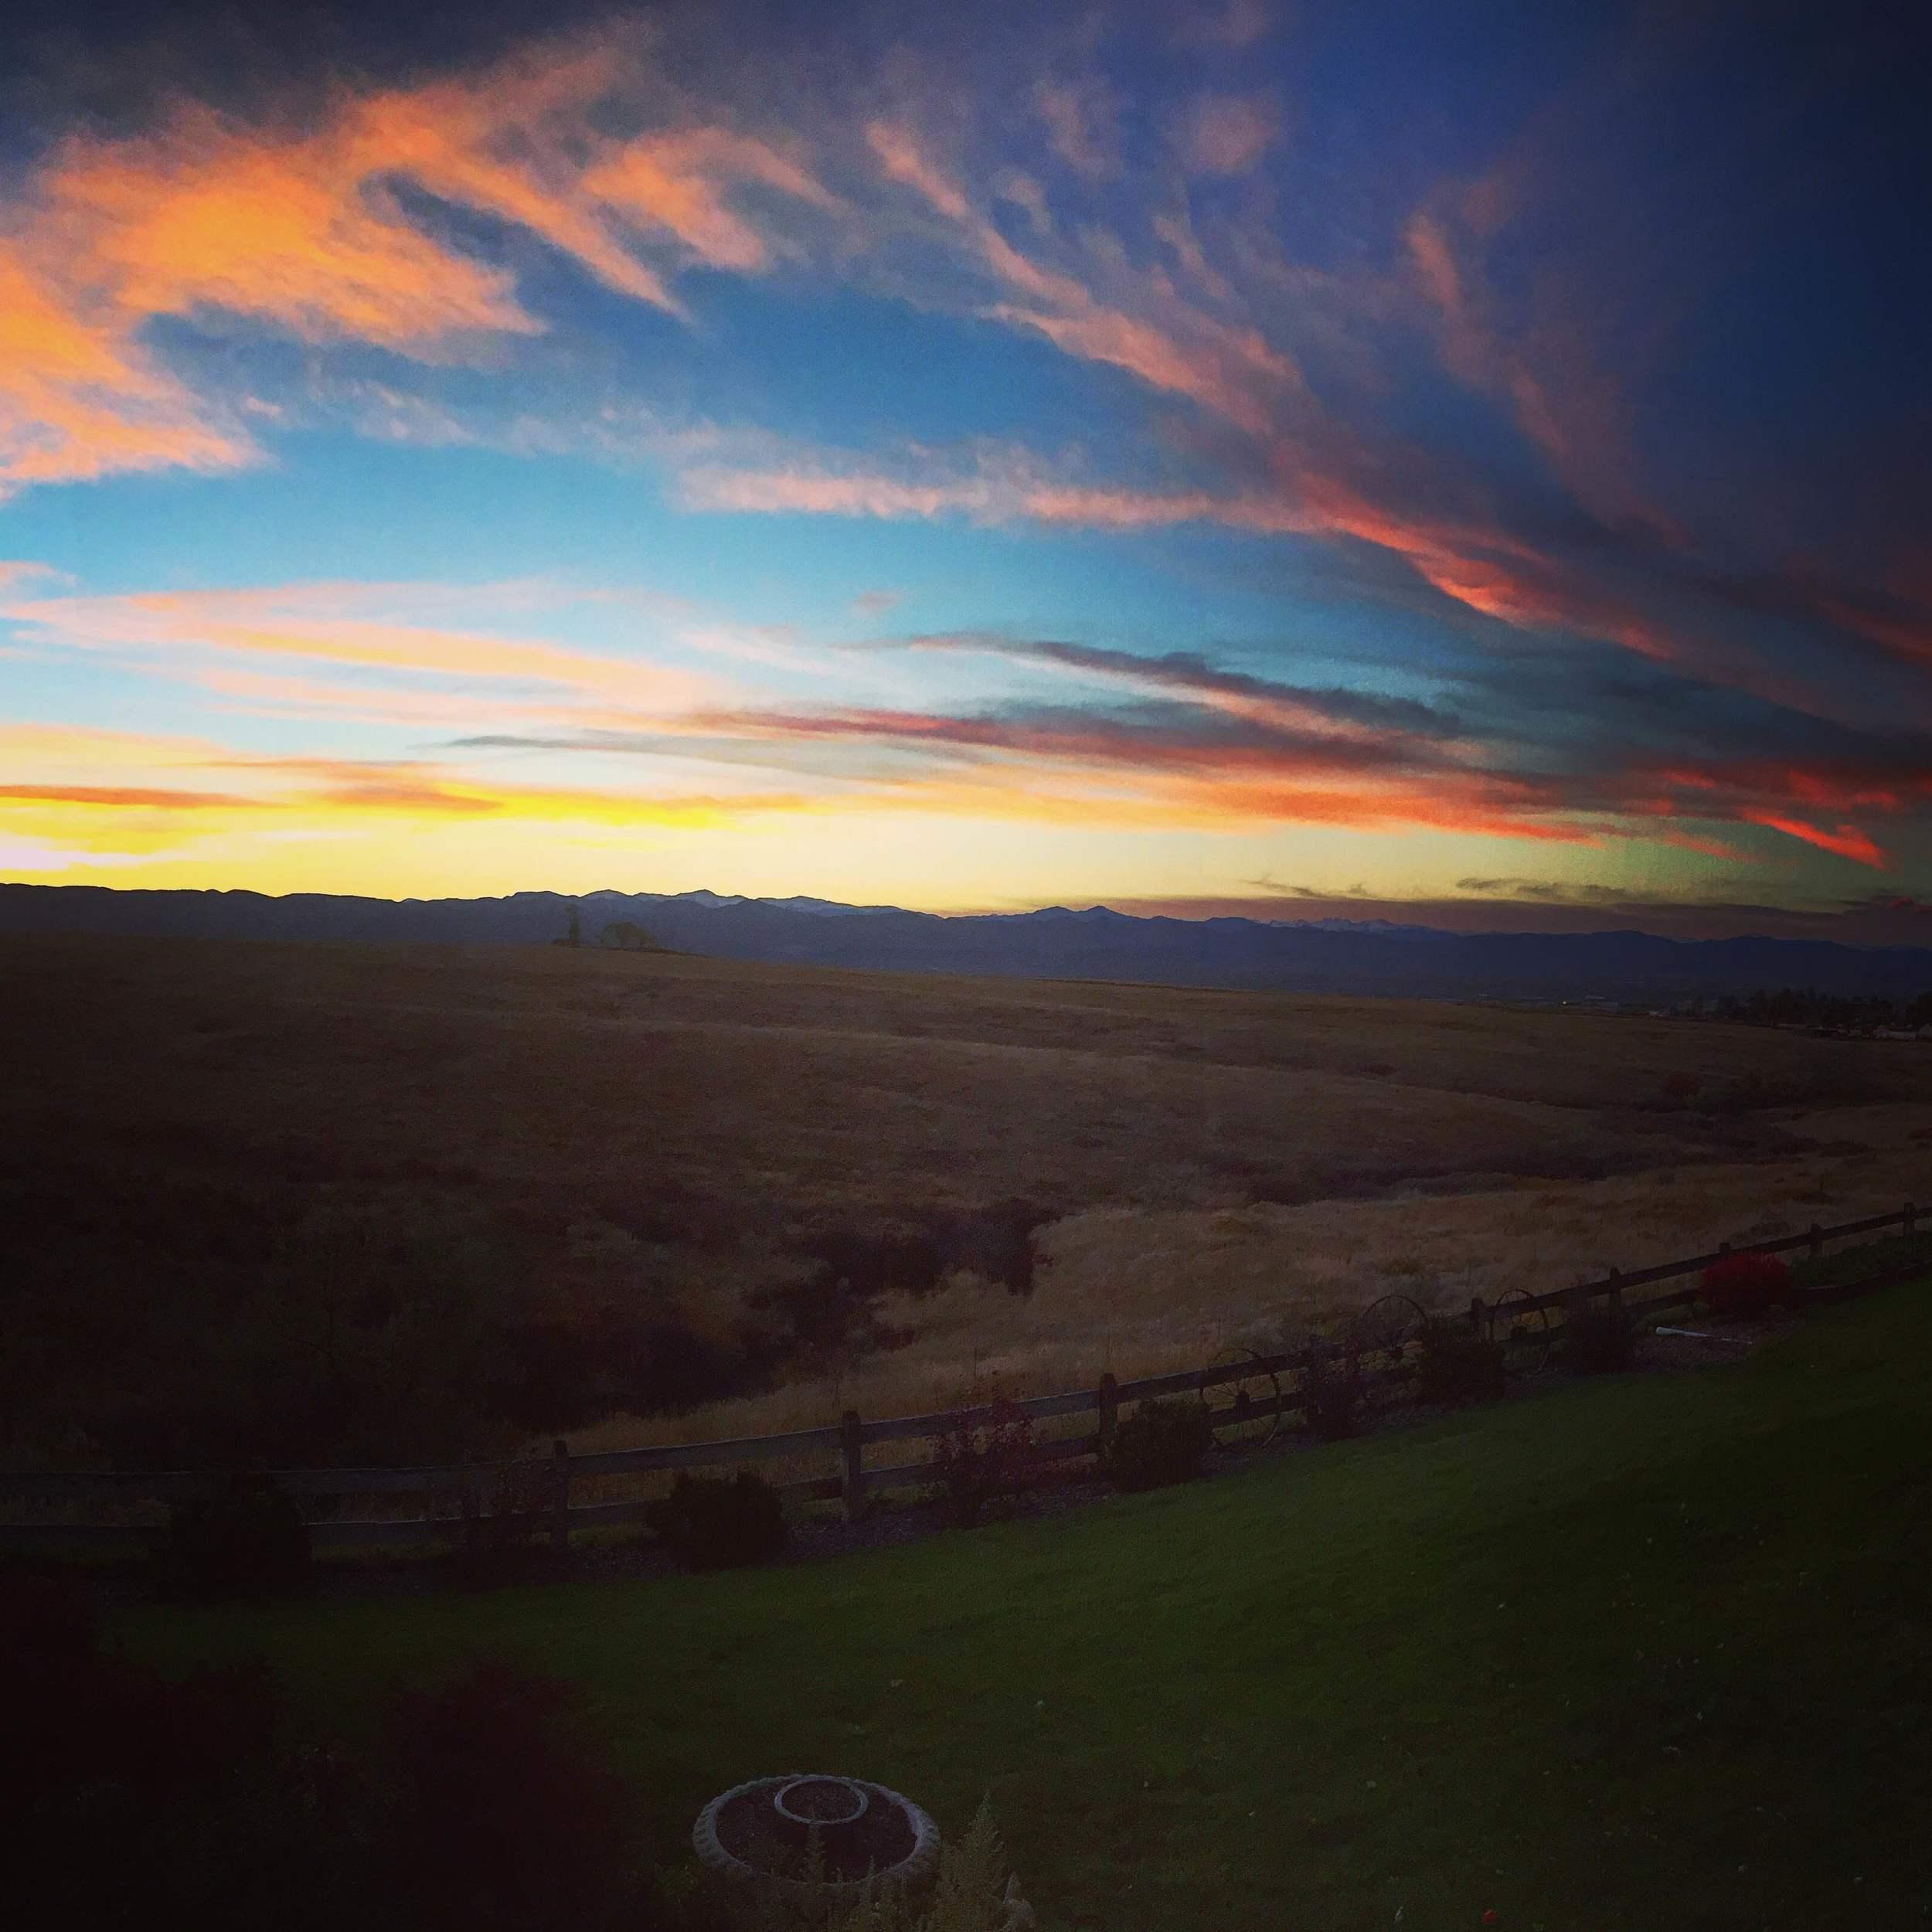 Colorado. Home sweet home.